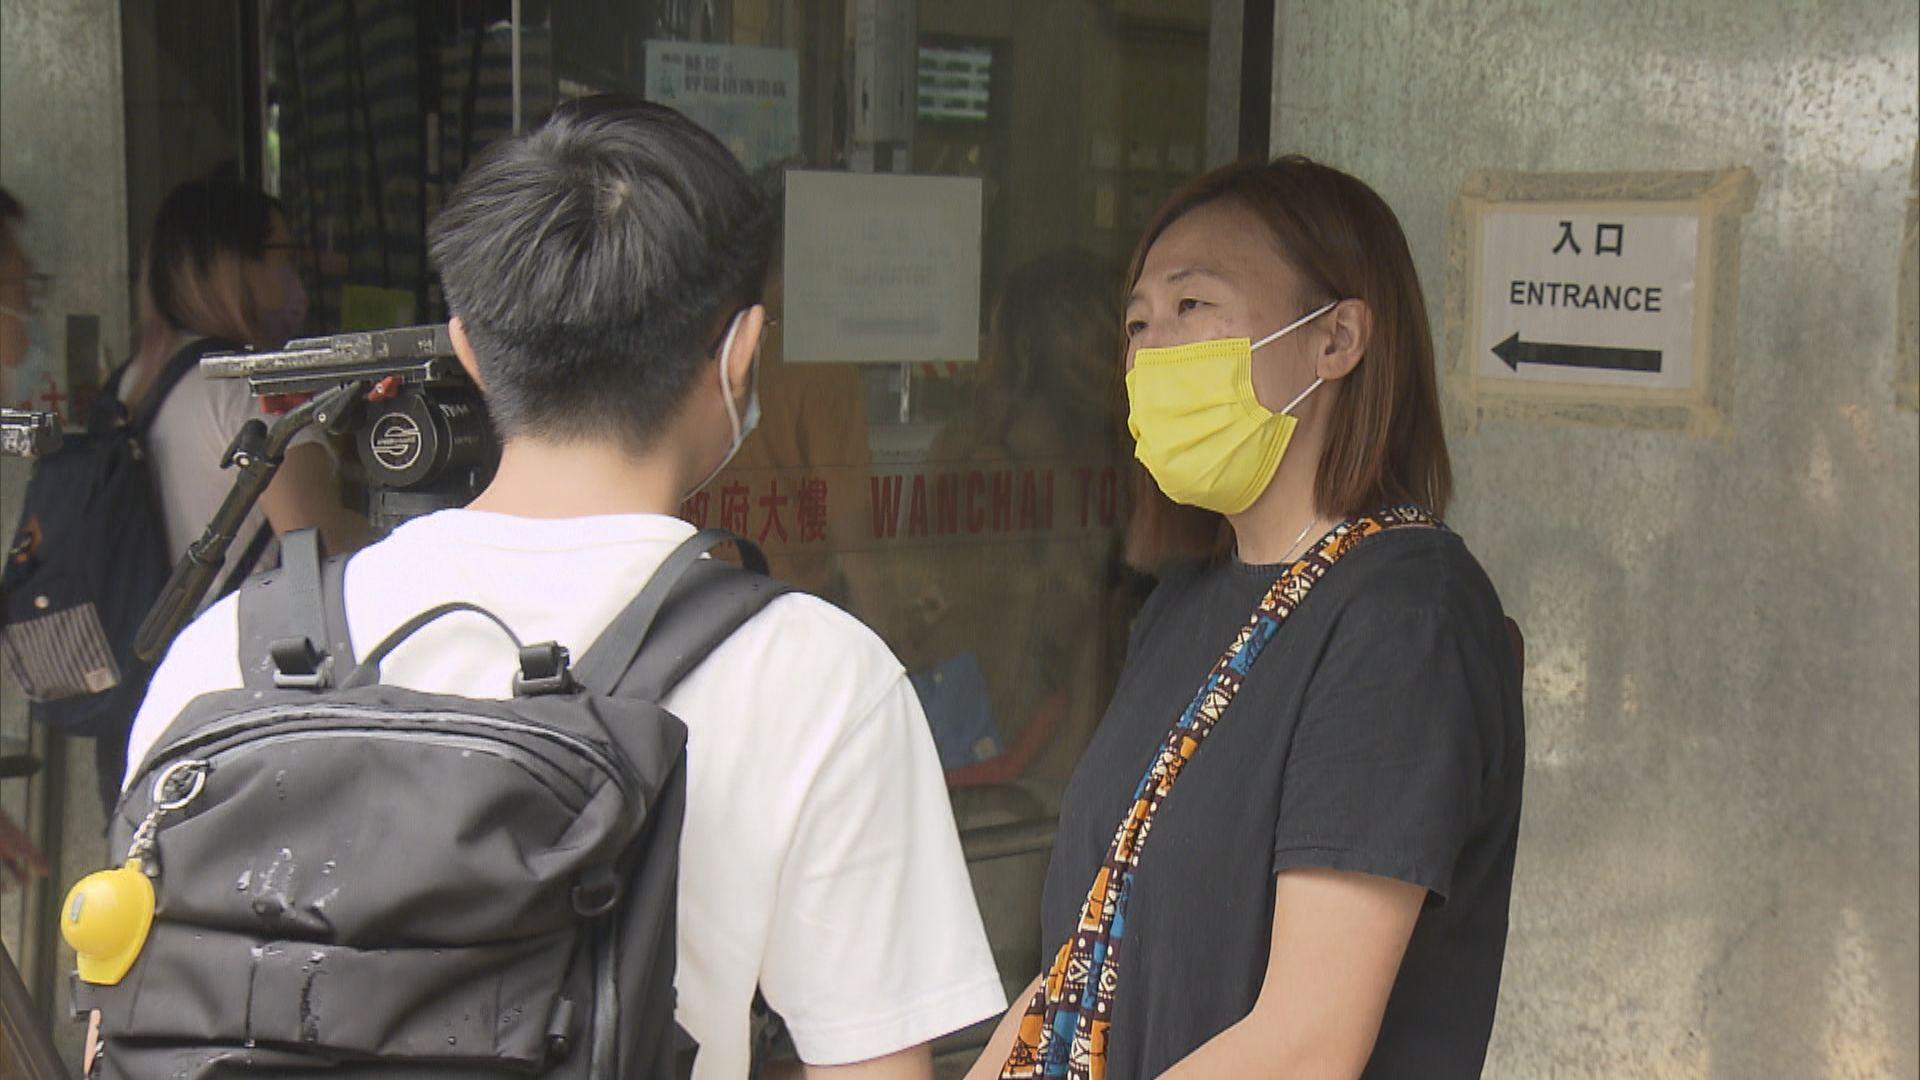 社工陳虹秀表證不成立 官指行為不足以構成非法集結遑論暴動罪